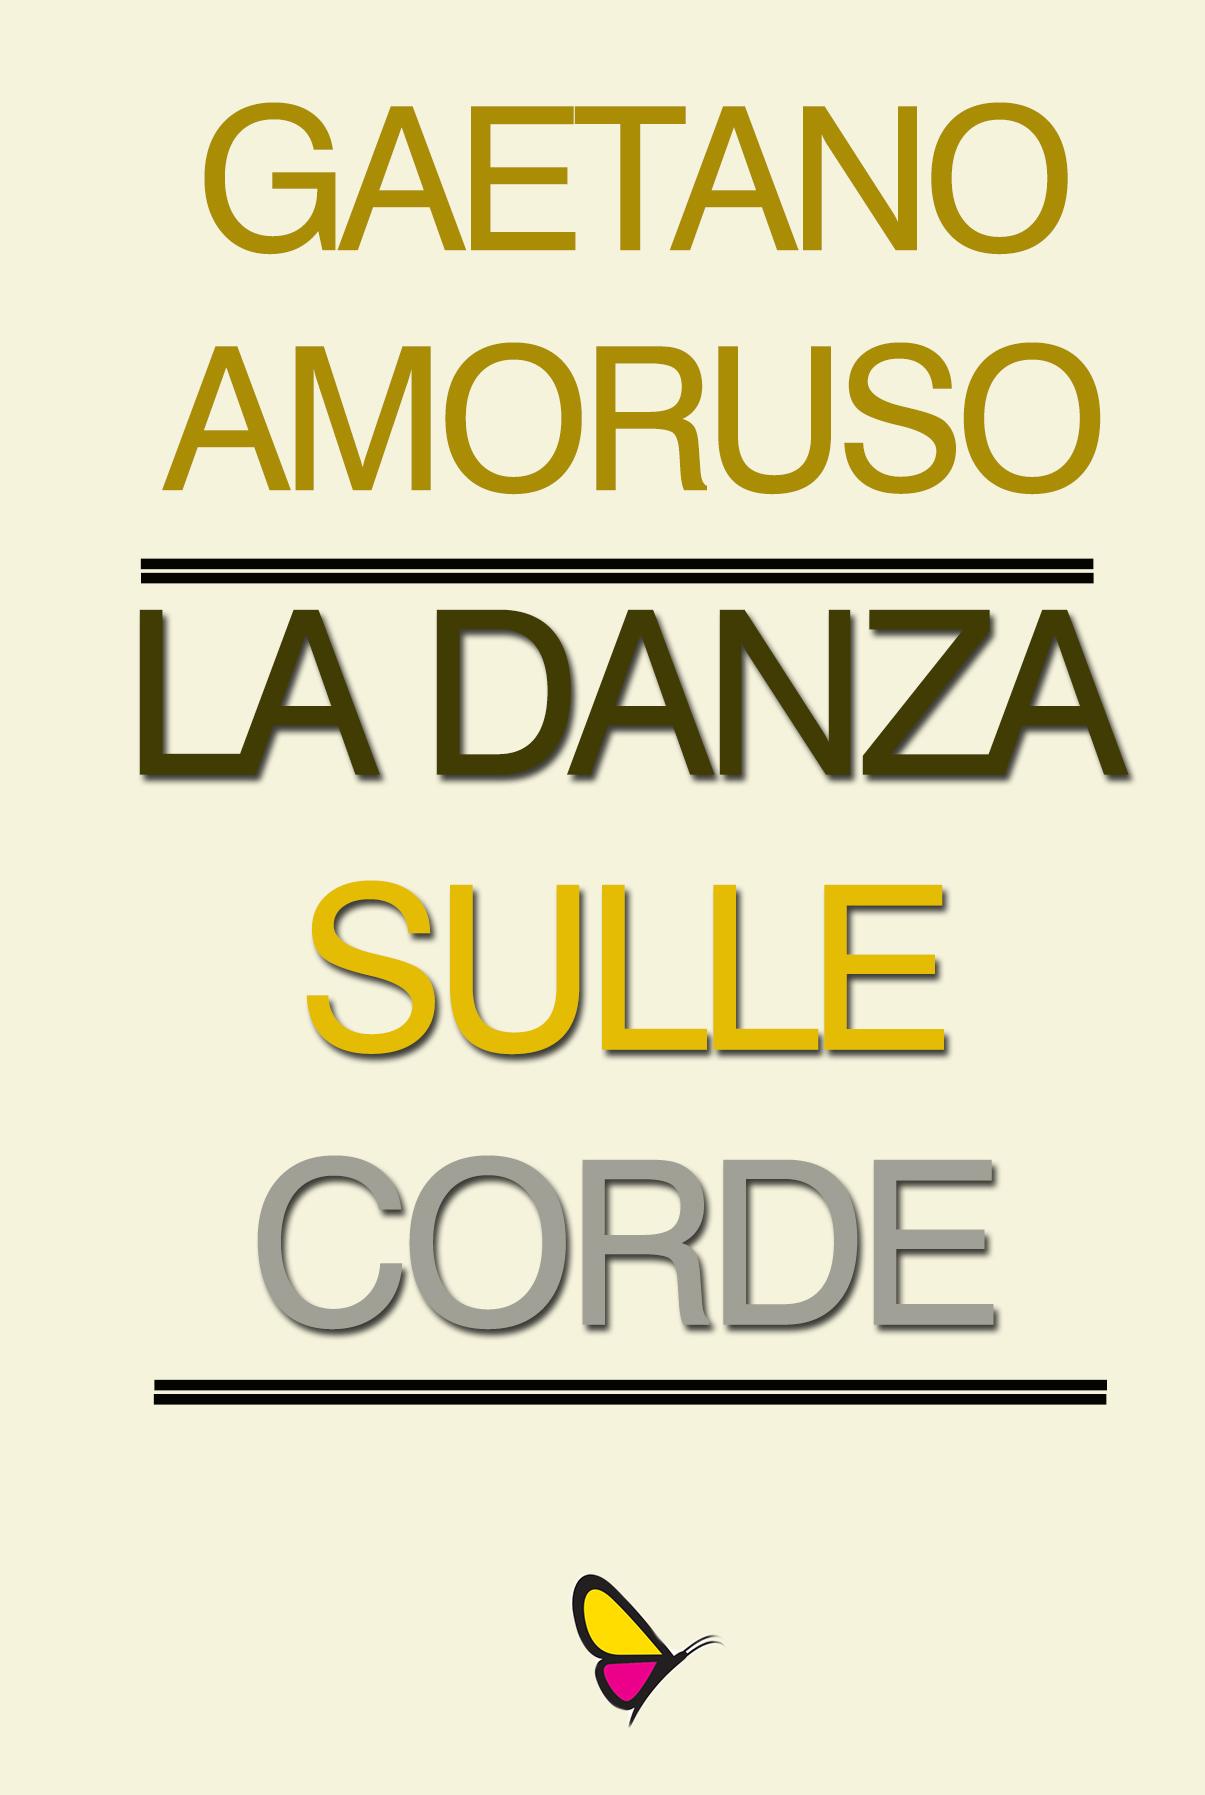 LA DANZA SULLE CORDE 10X15 COPE 2